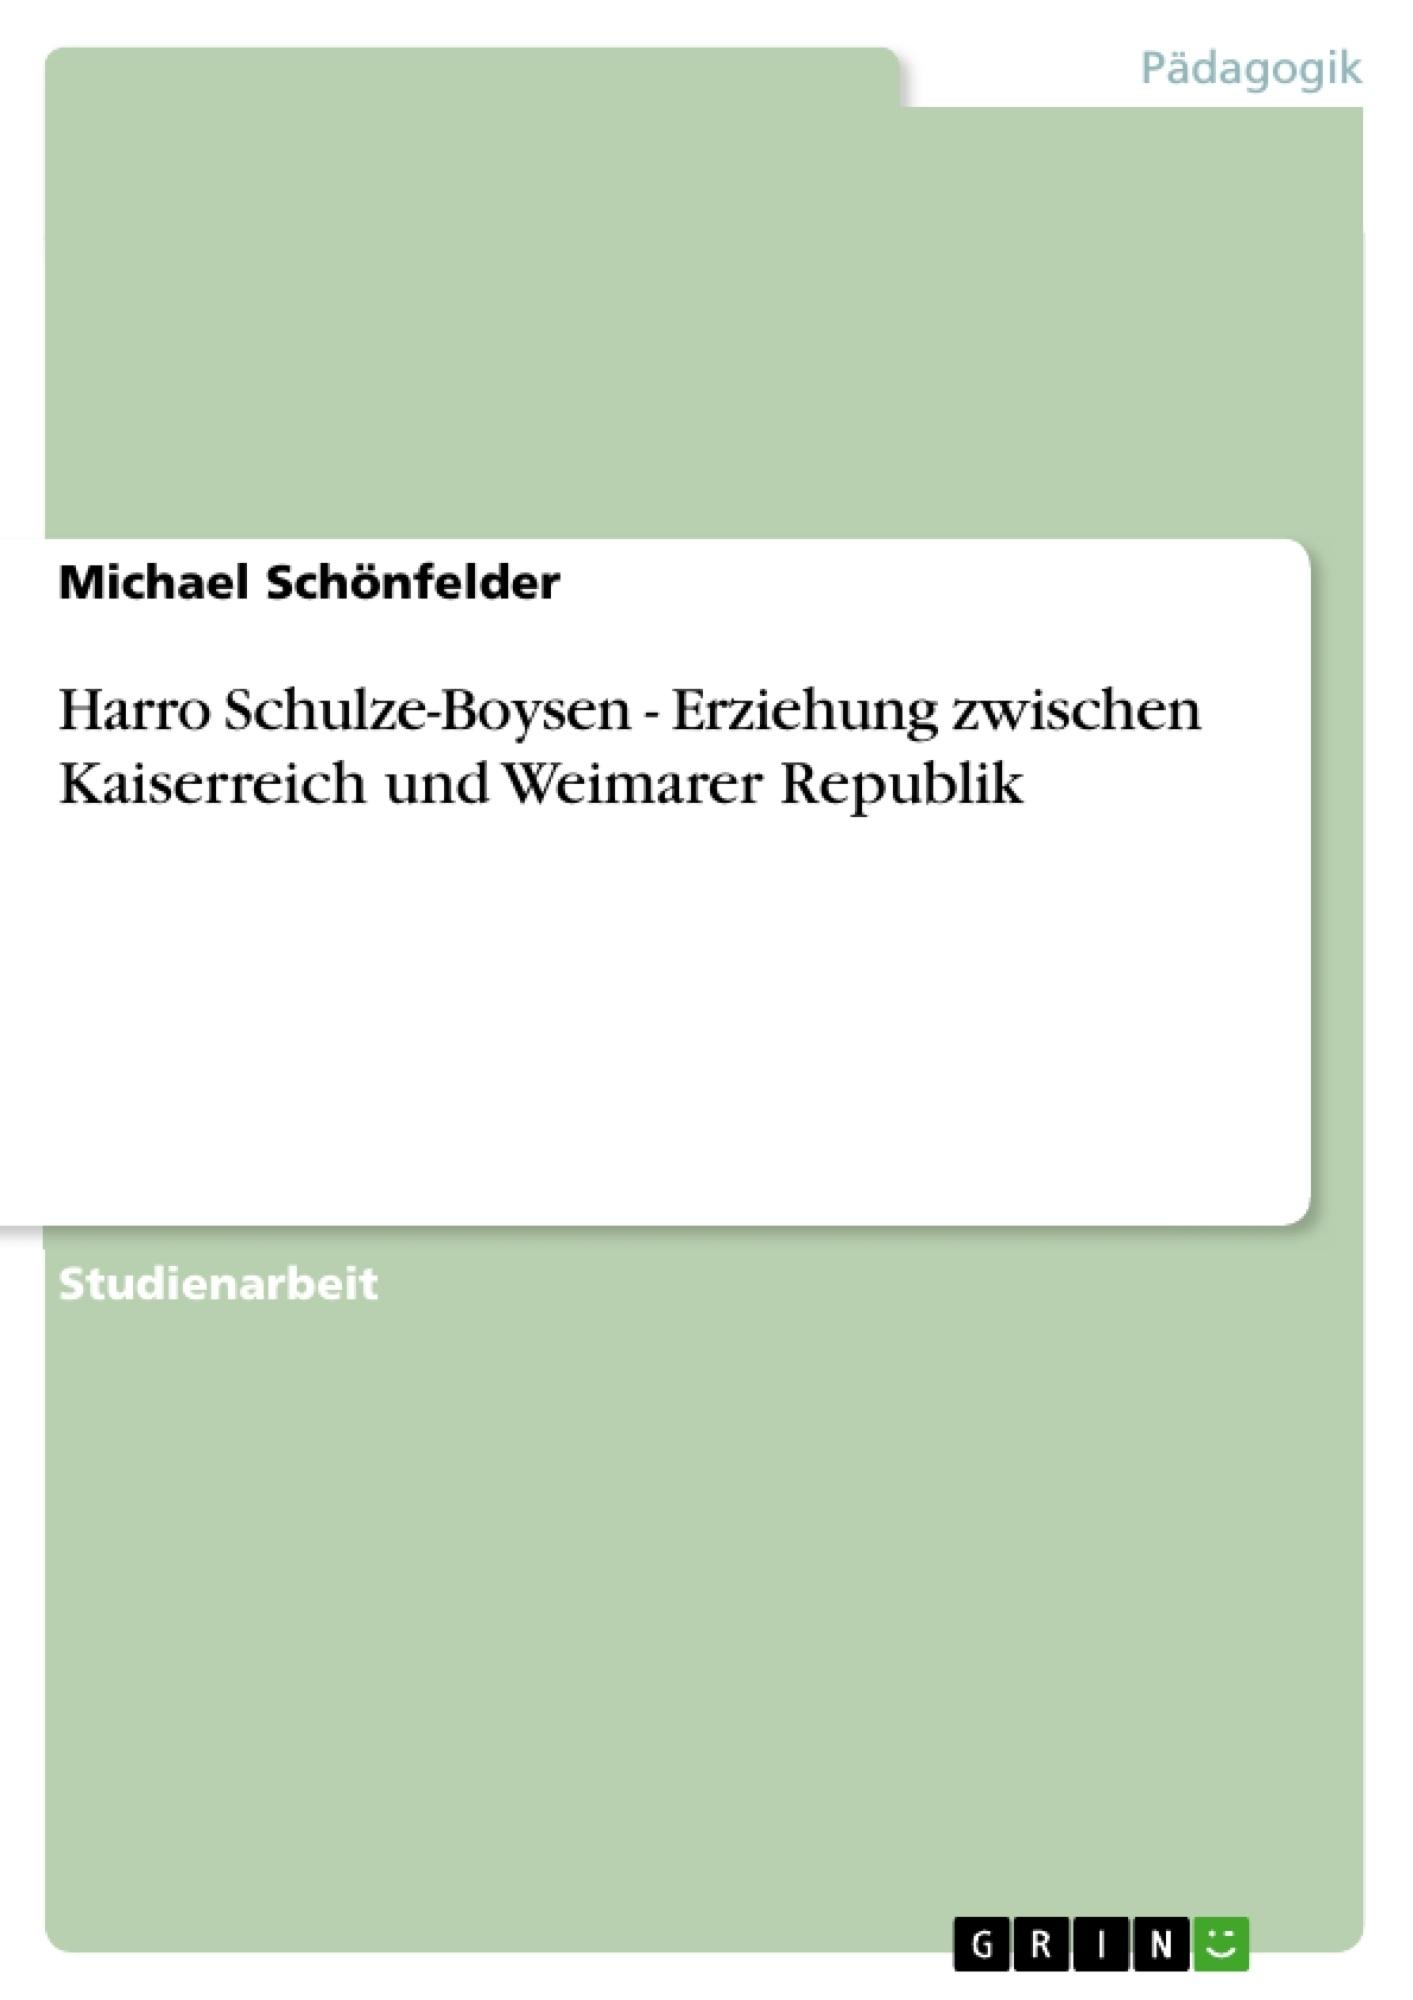 Titel: Harro Schulze-Boysen - Erziehung zwischen Kaiserreich und Weimarer Republik